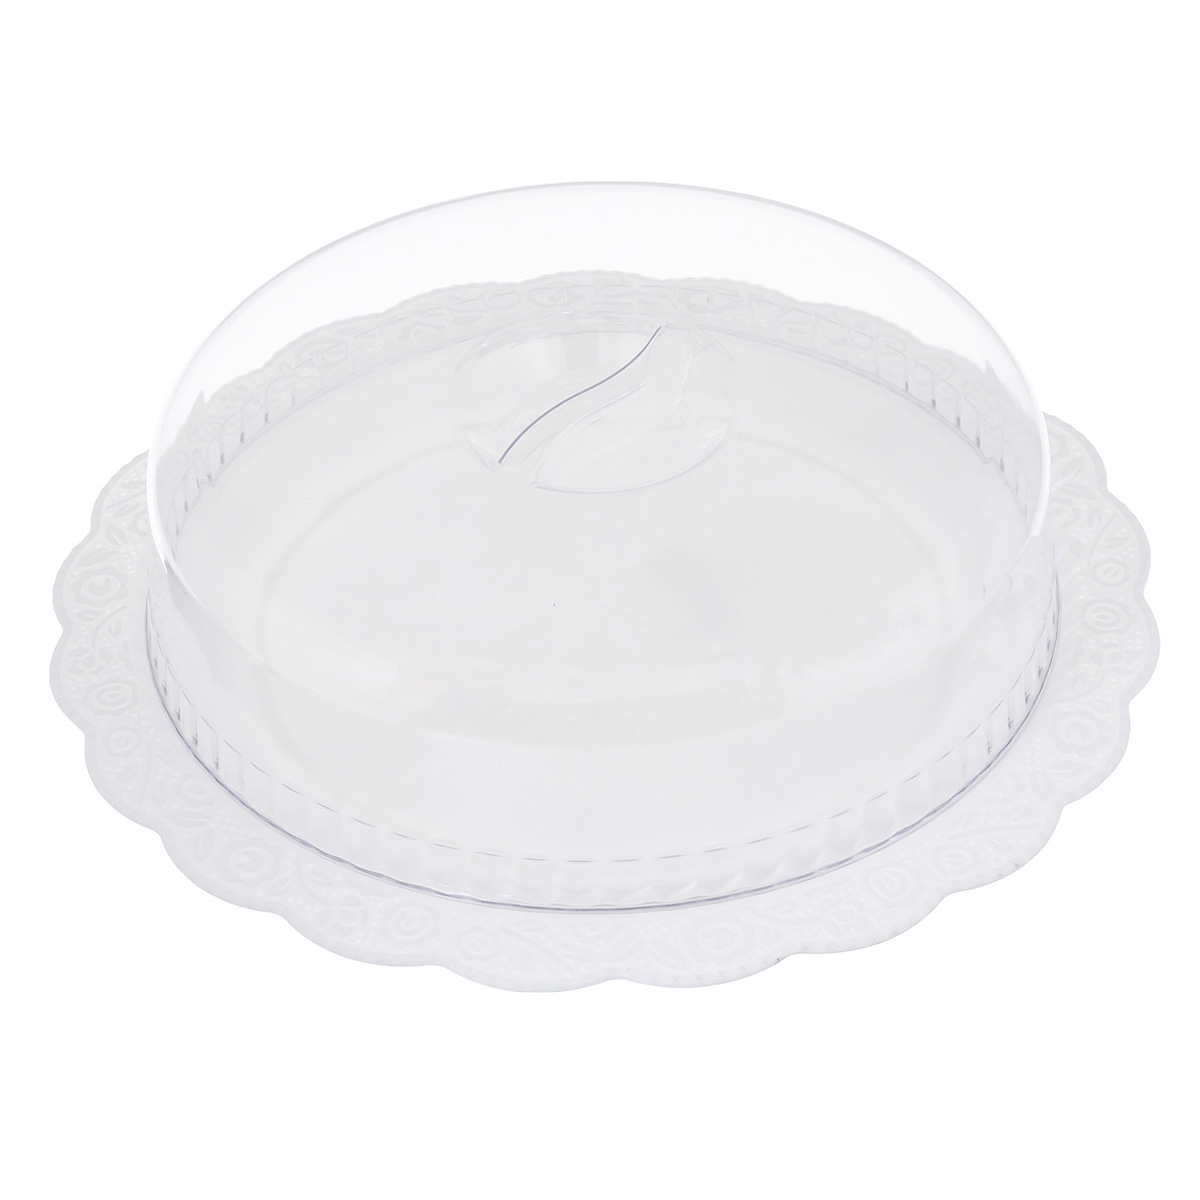 Блюдо Альтернатива Нежность, с крышкой, цвет: белый, прозрачный, диаметр 36,5 смM1206Круглое блюдо Альтернатива Нежность, выполненное из высококачественного пищевого пластика, оснащено прозрачной крышкой. Волнообразные края изделия оформлены красивым рельефным рисунком. Блюдо идеально для подачи торта и больших пирогов. Оригинальный дизайн придется по вкусу и ценителям классики, и тем, кто предпочитает утонченность и изысканность. Диаметр блюда: 36,5 см. Диаметр крышки: 28 см.Высота (с учетом крышки): 10 см.